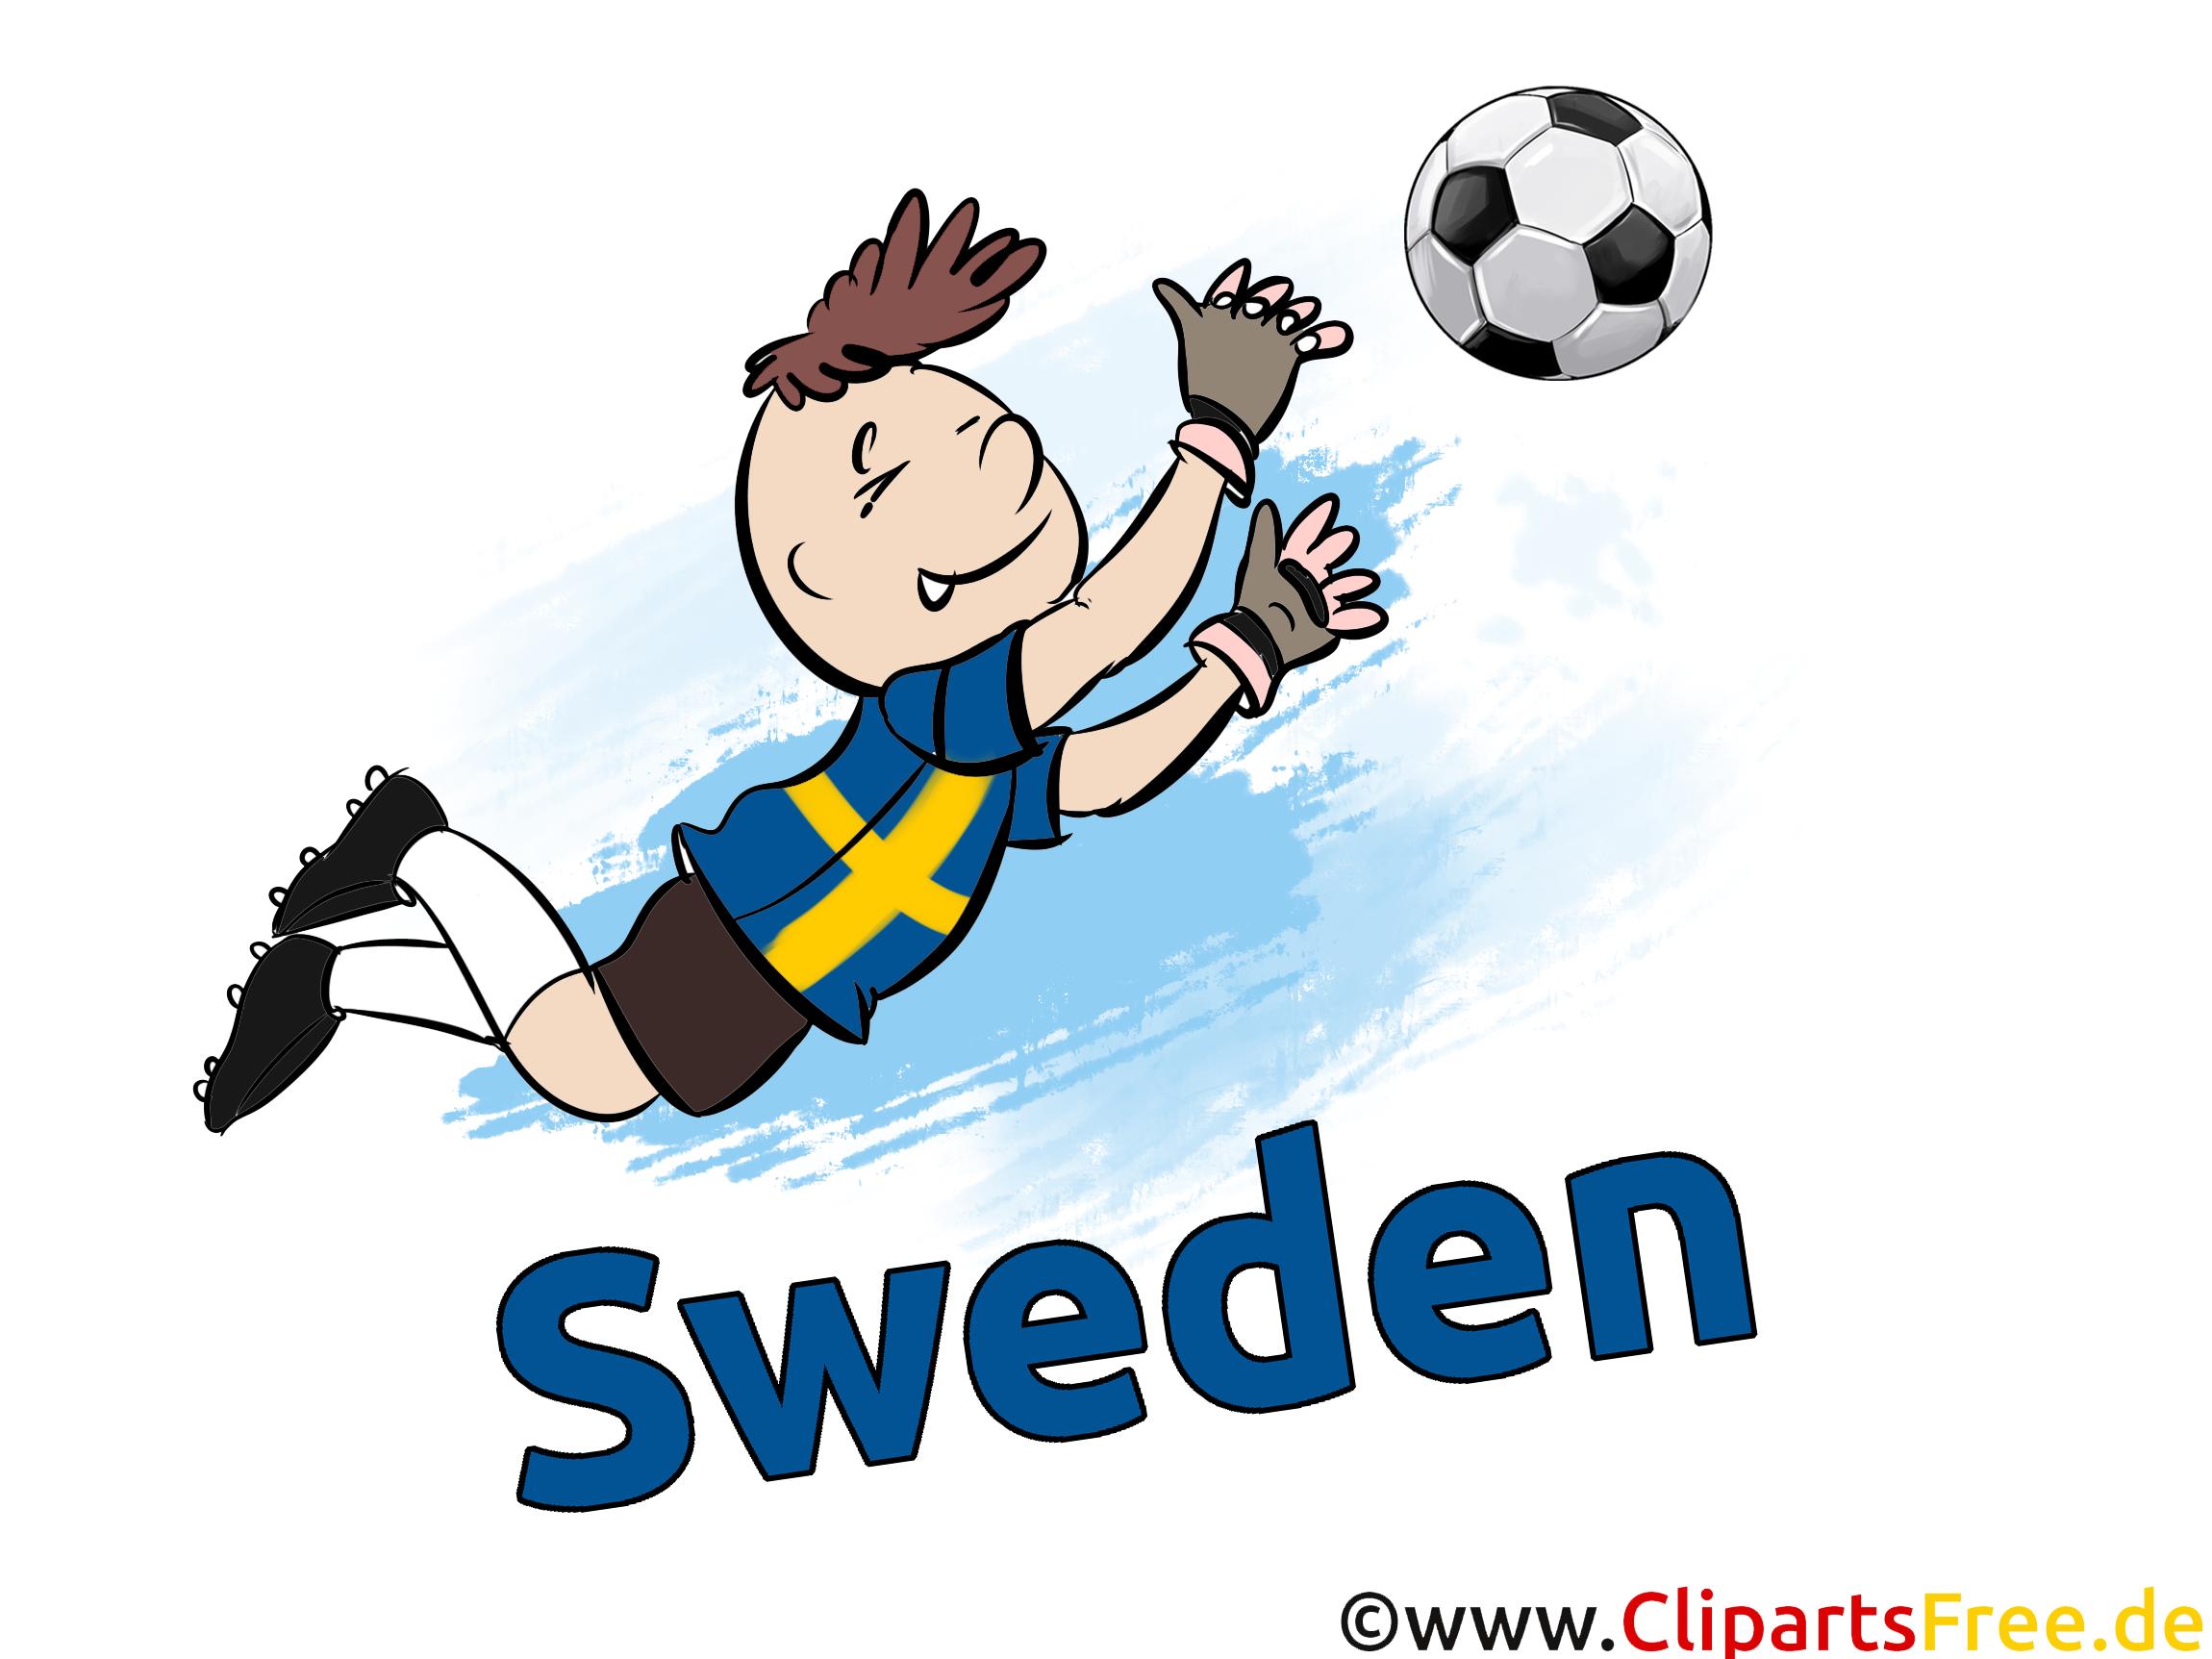 Joueurs Cliparts Soccer Suède pour télécharger